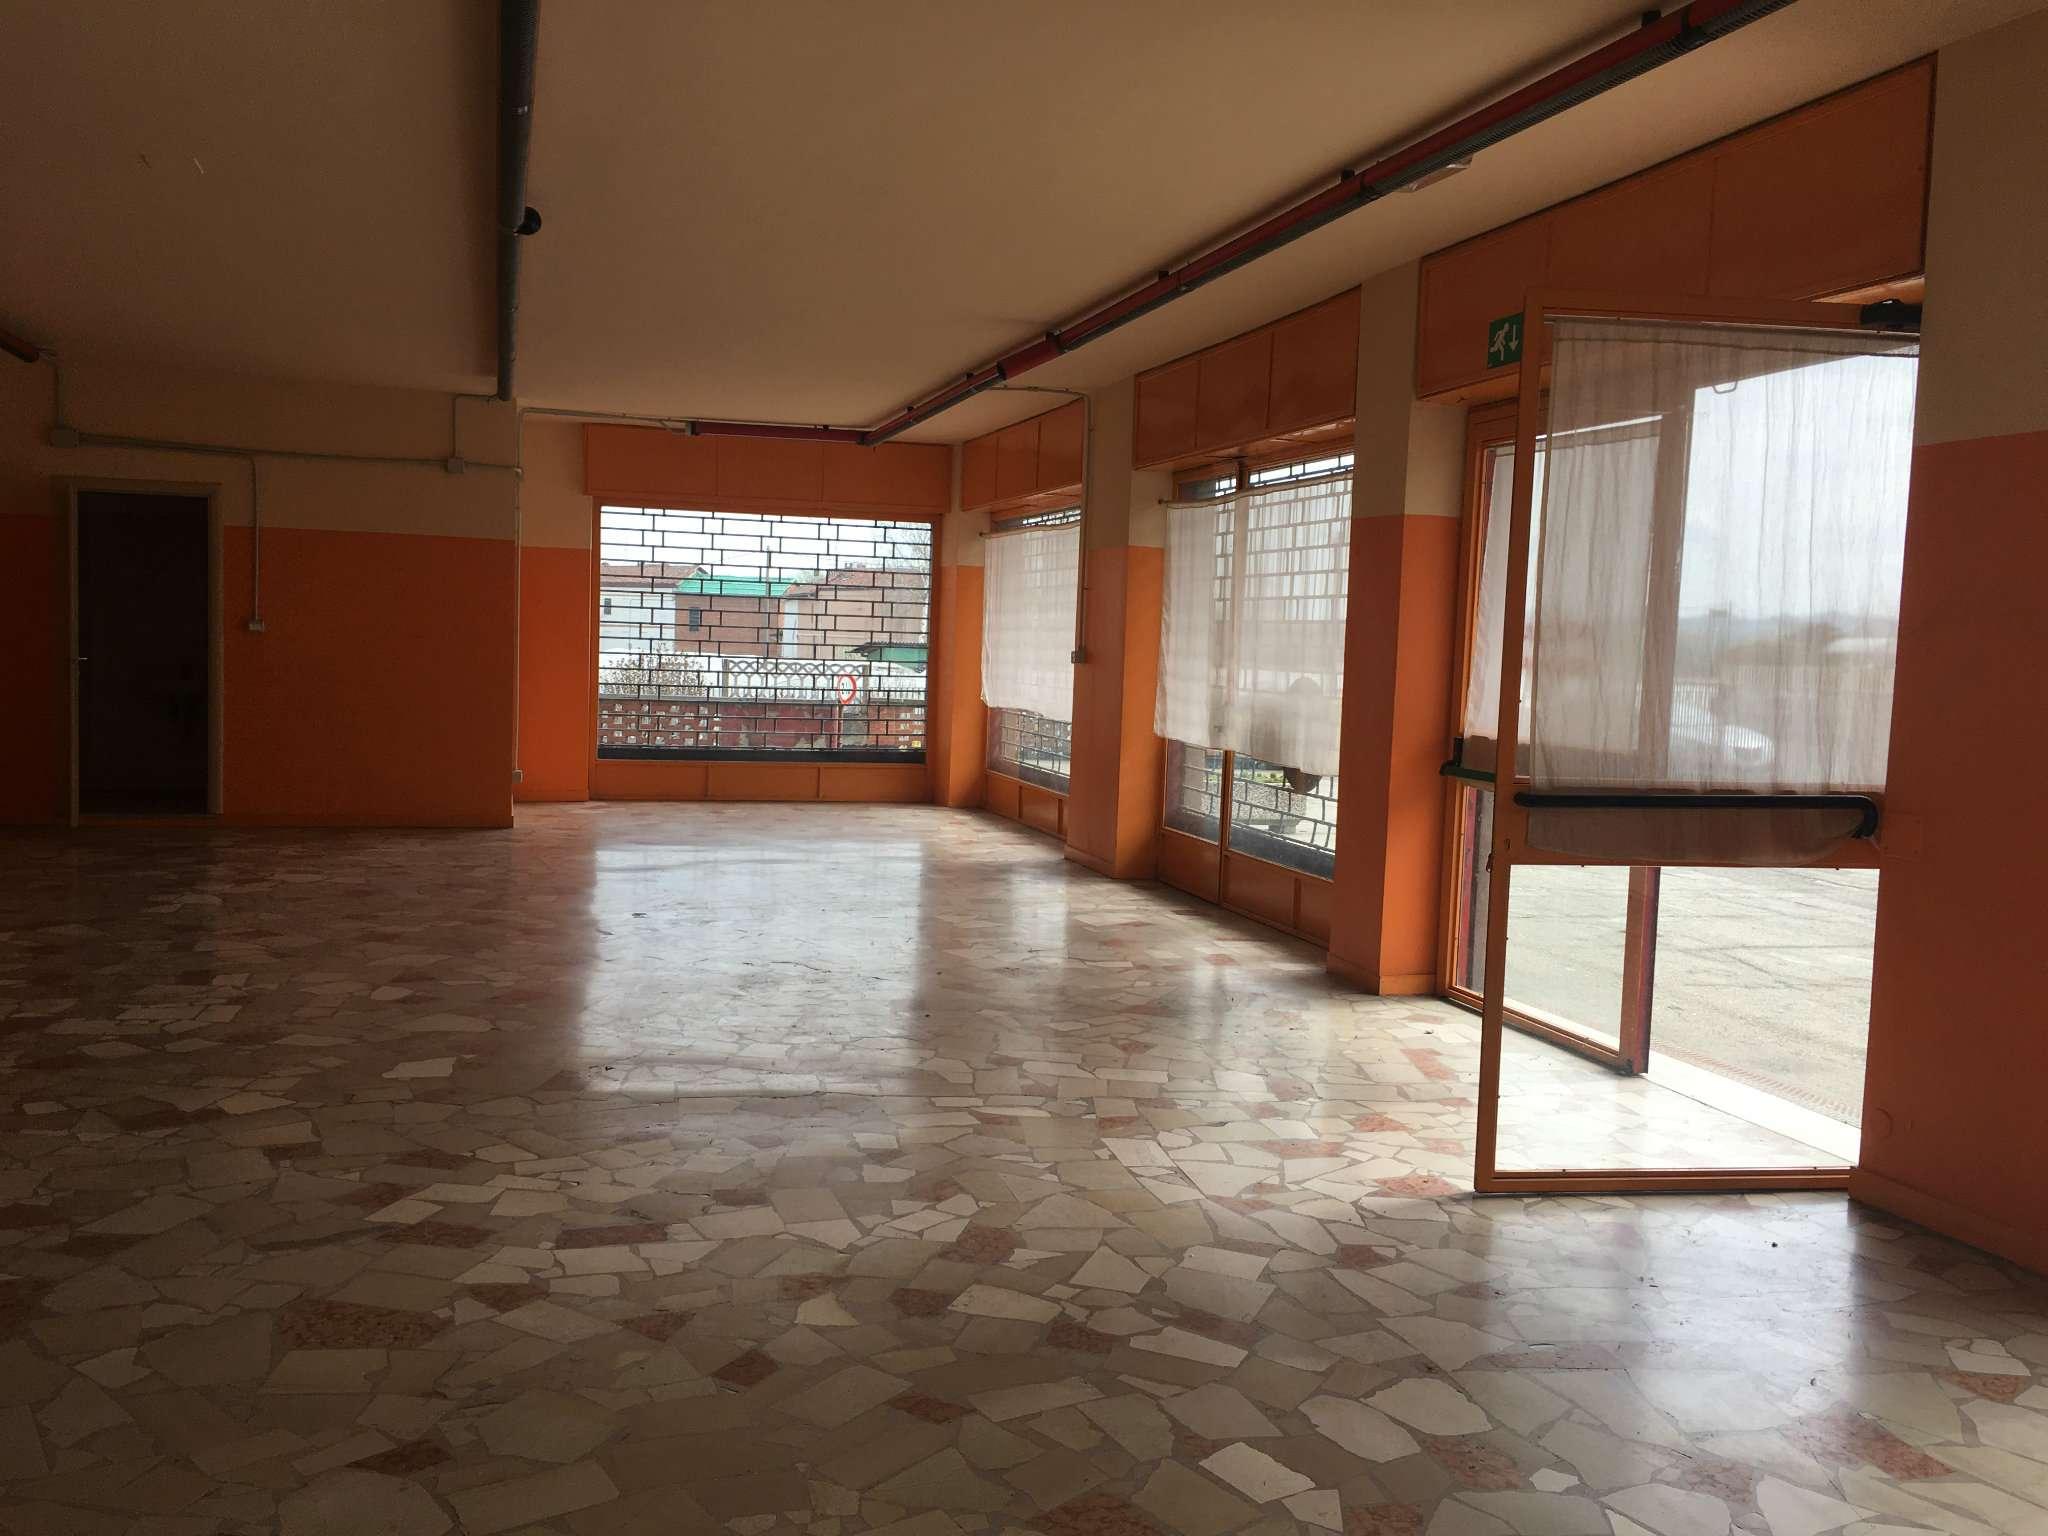 Negozio / Locale in affitto a Asti, 2 locali, prezzo € 1.300 | Cambio Casa.it